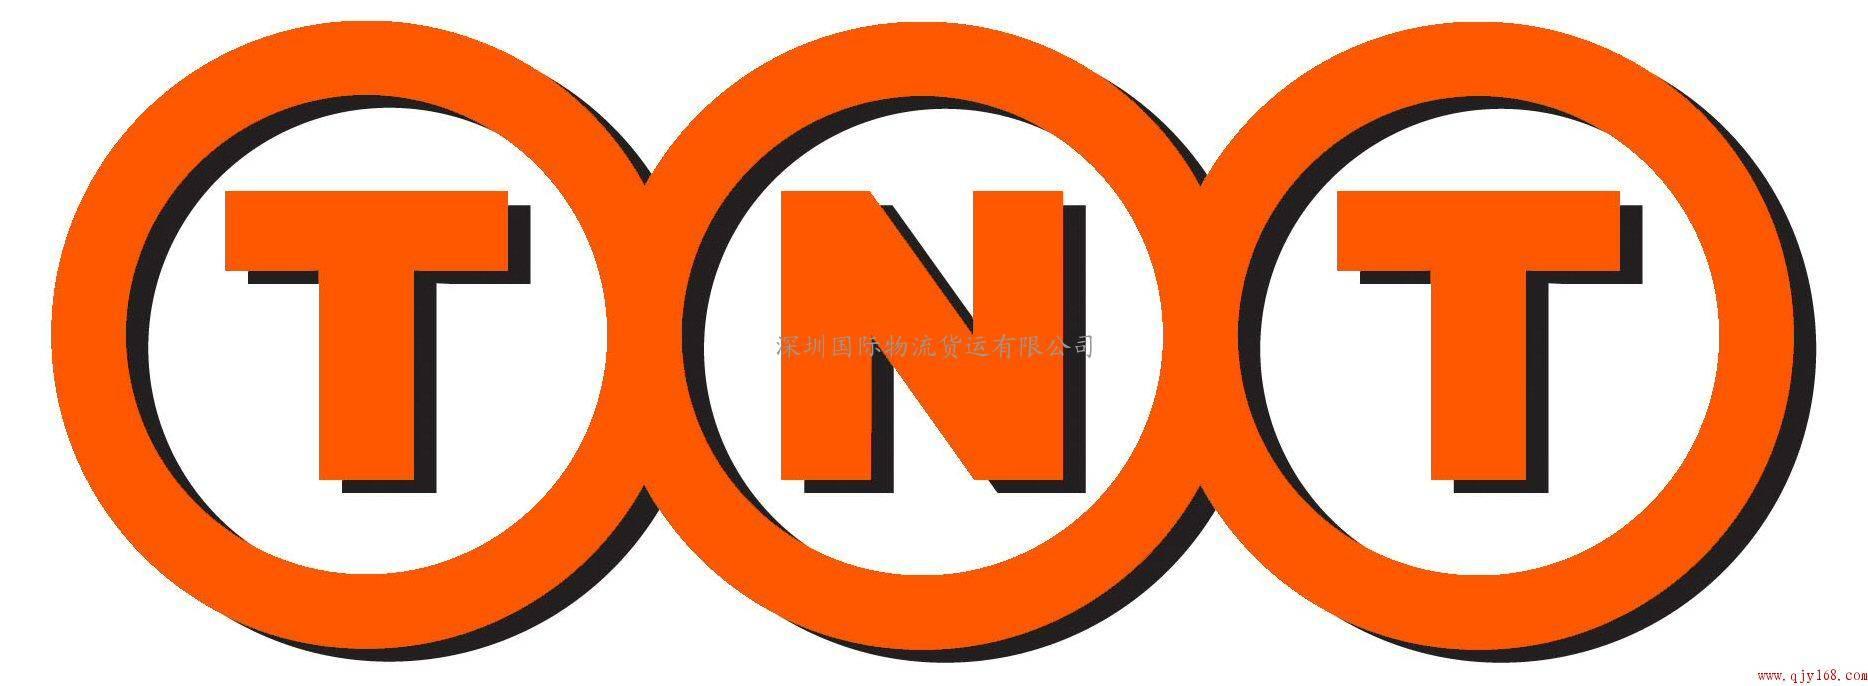 logo 标识 标志 设计 矢量 矢量图 素材 图标 1868_686